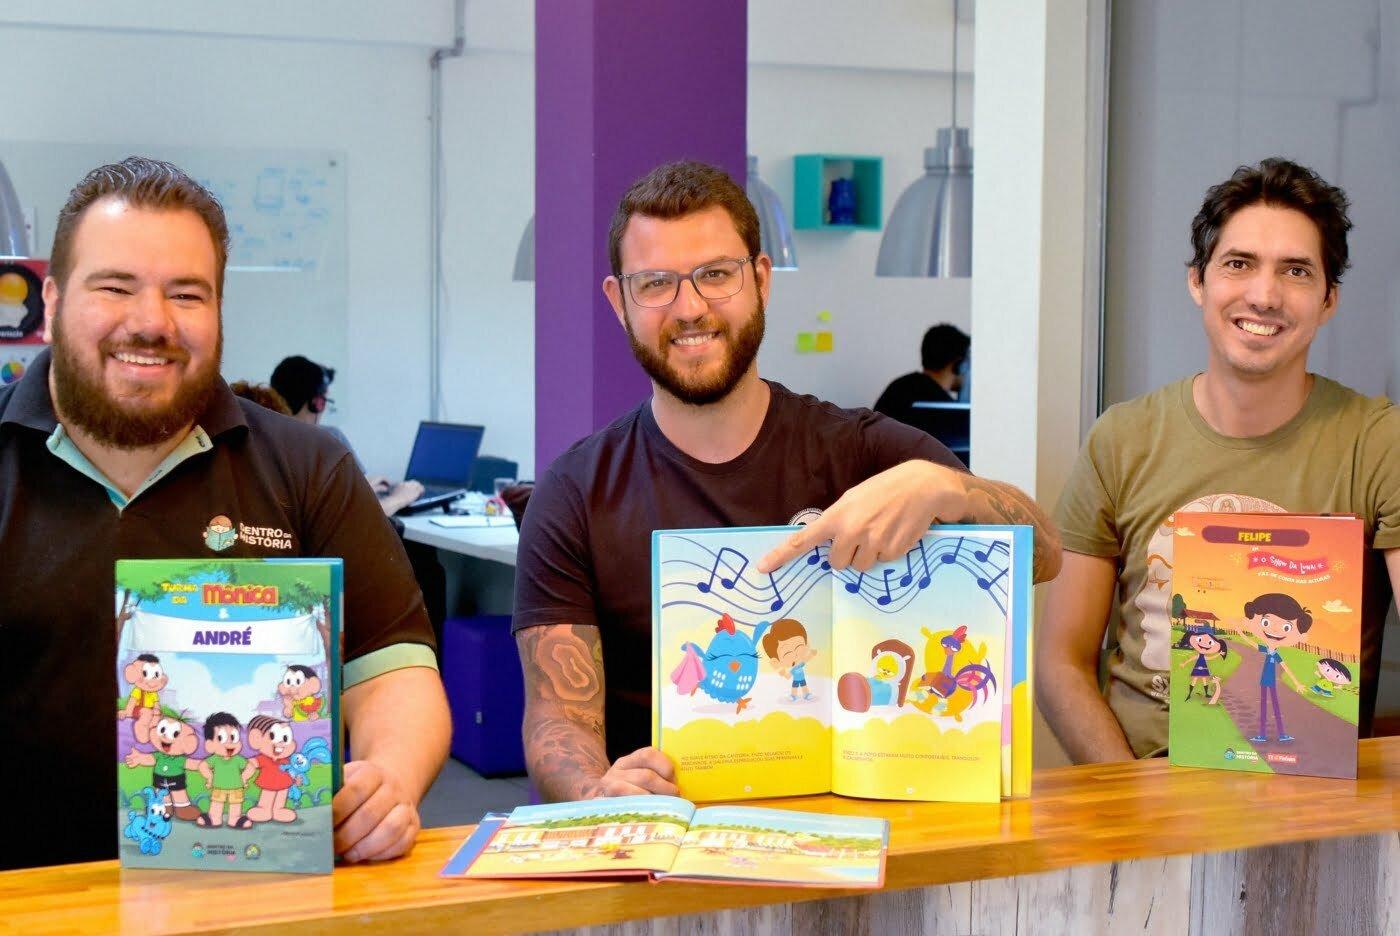 André Campelo, Diego Aguiar e Felipe Paniago querem que as crianças tenham experiências imersivas com a literatura.